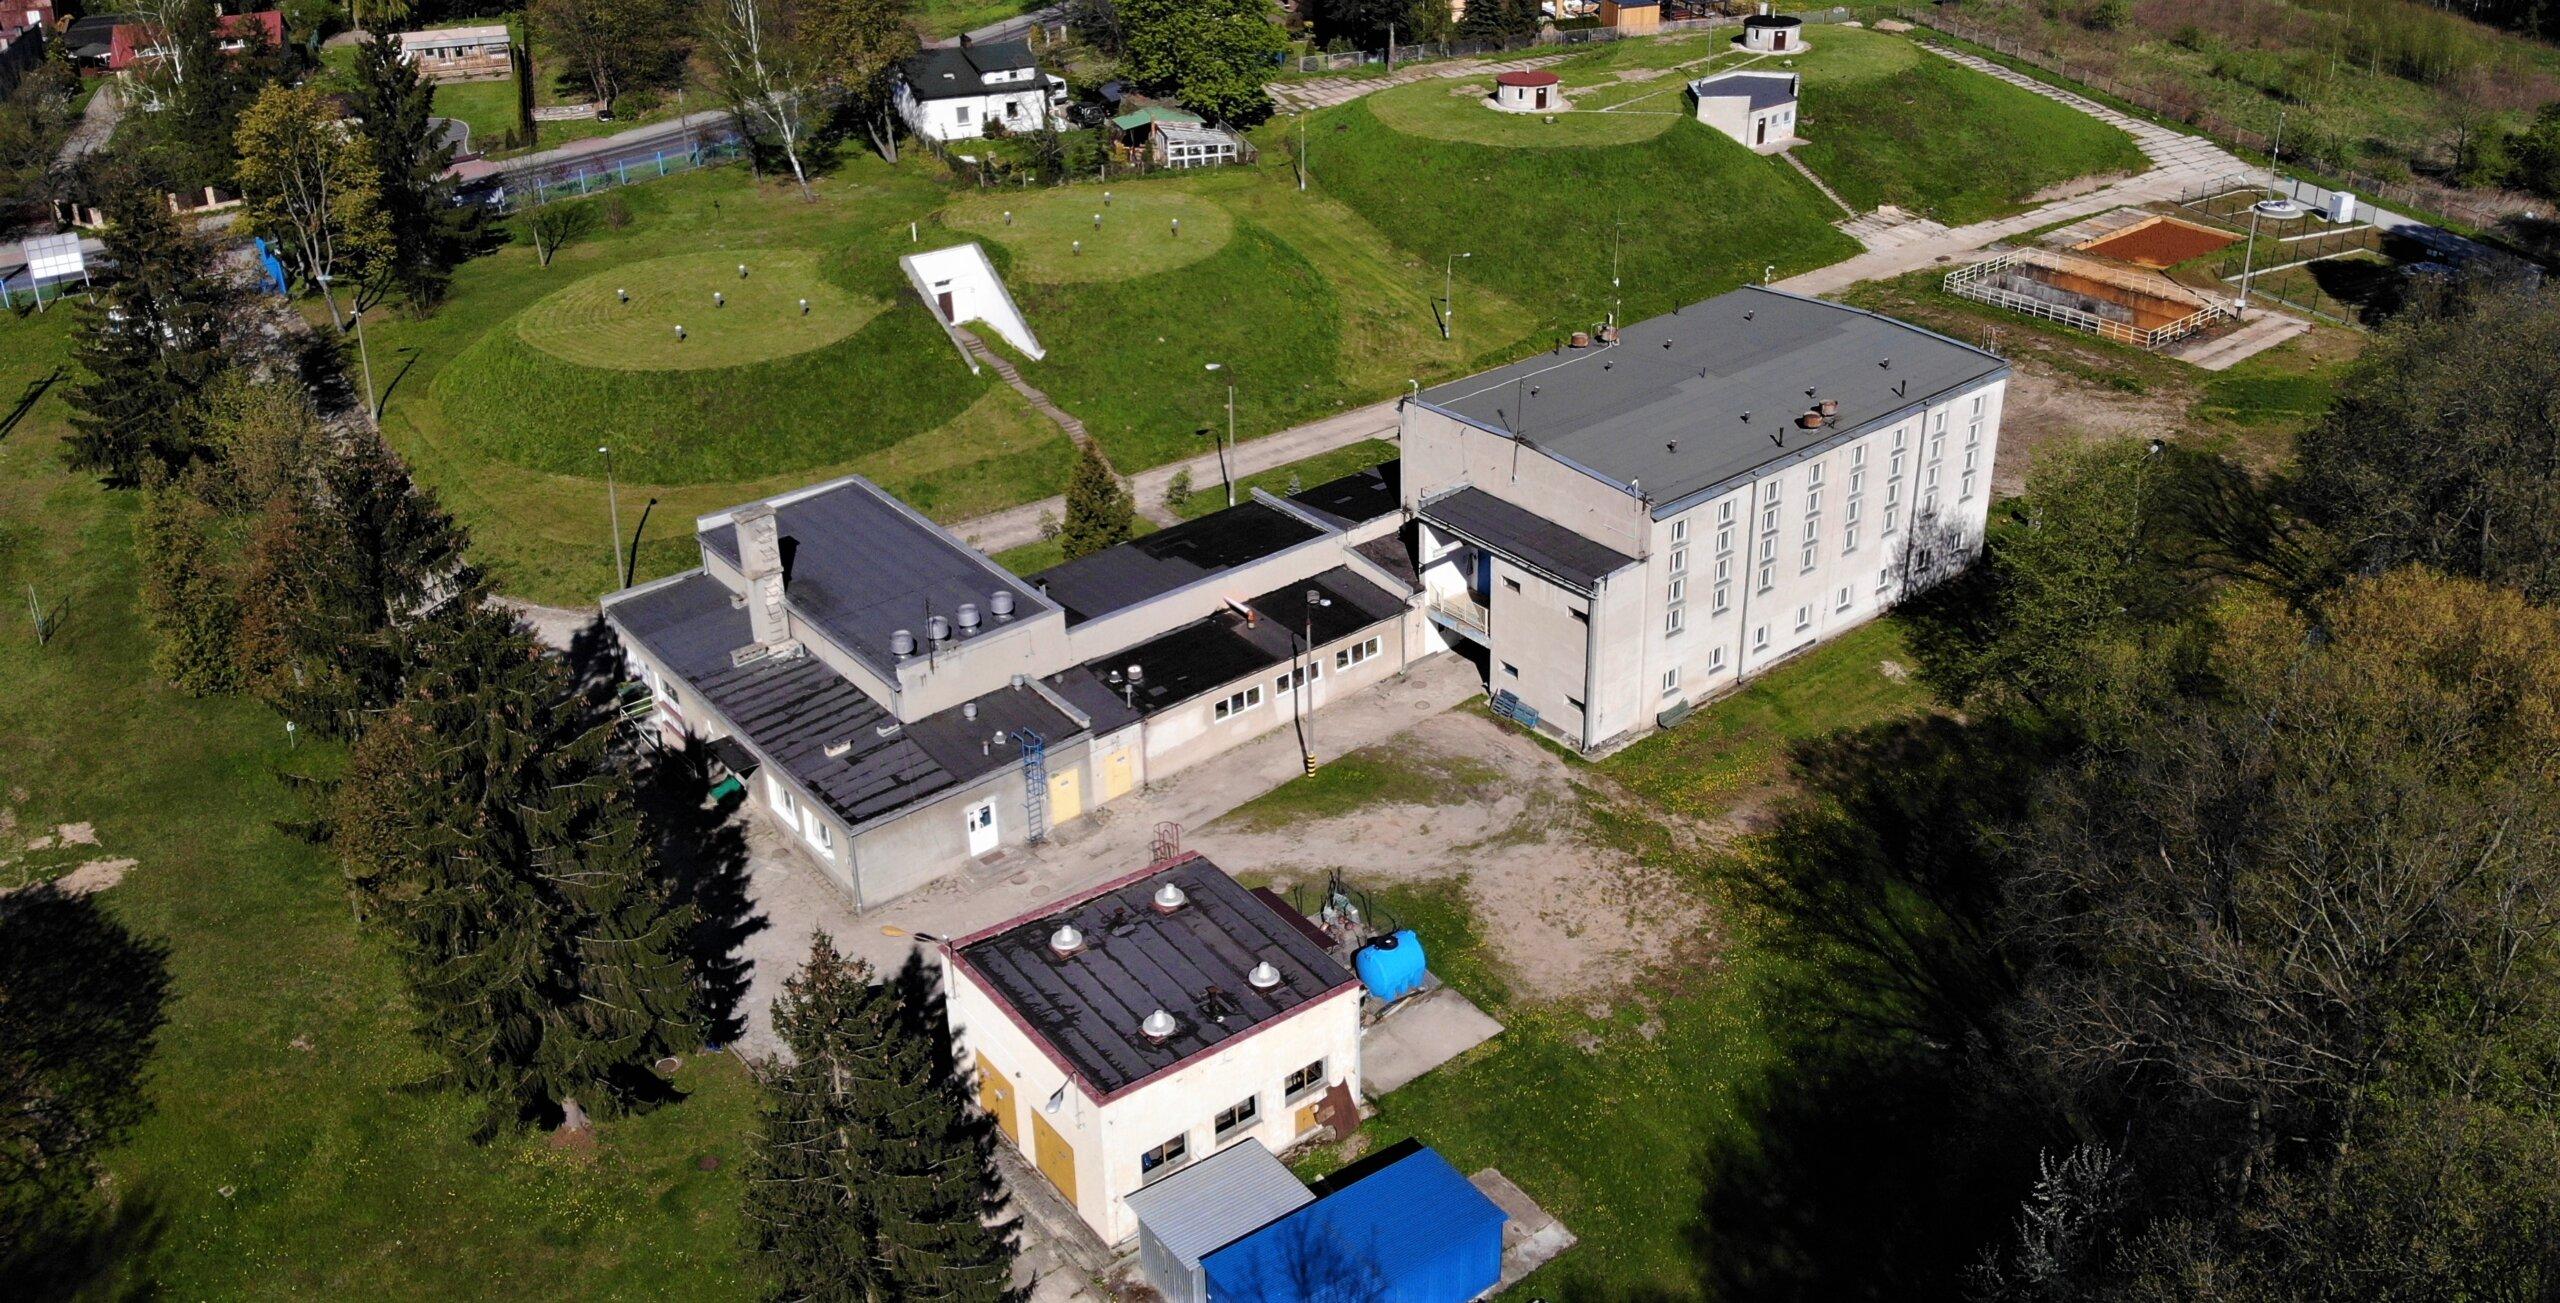 zdjęcie z drona Stacji Uzdatniania Wody, w tle budynek onbok studnia i teren zielony Stacji Uzdatniania Wody na ul. Waryńskiego w Skierniewicach